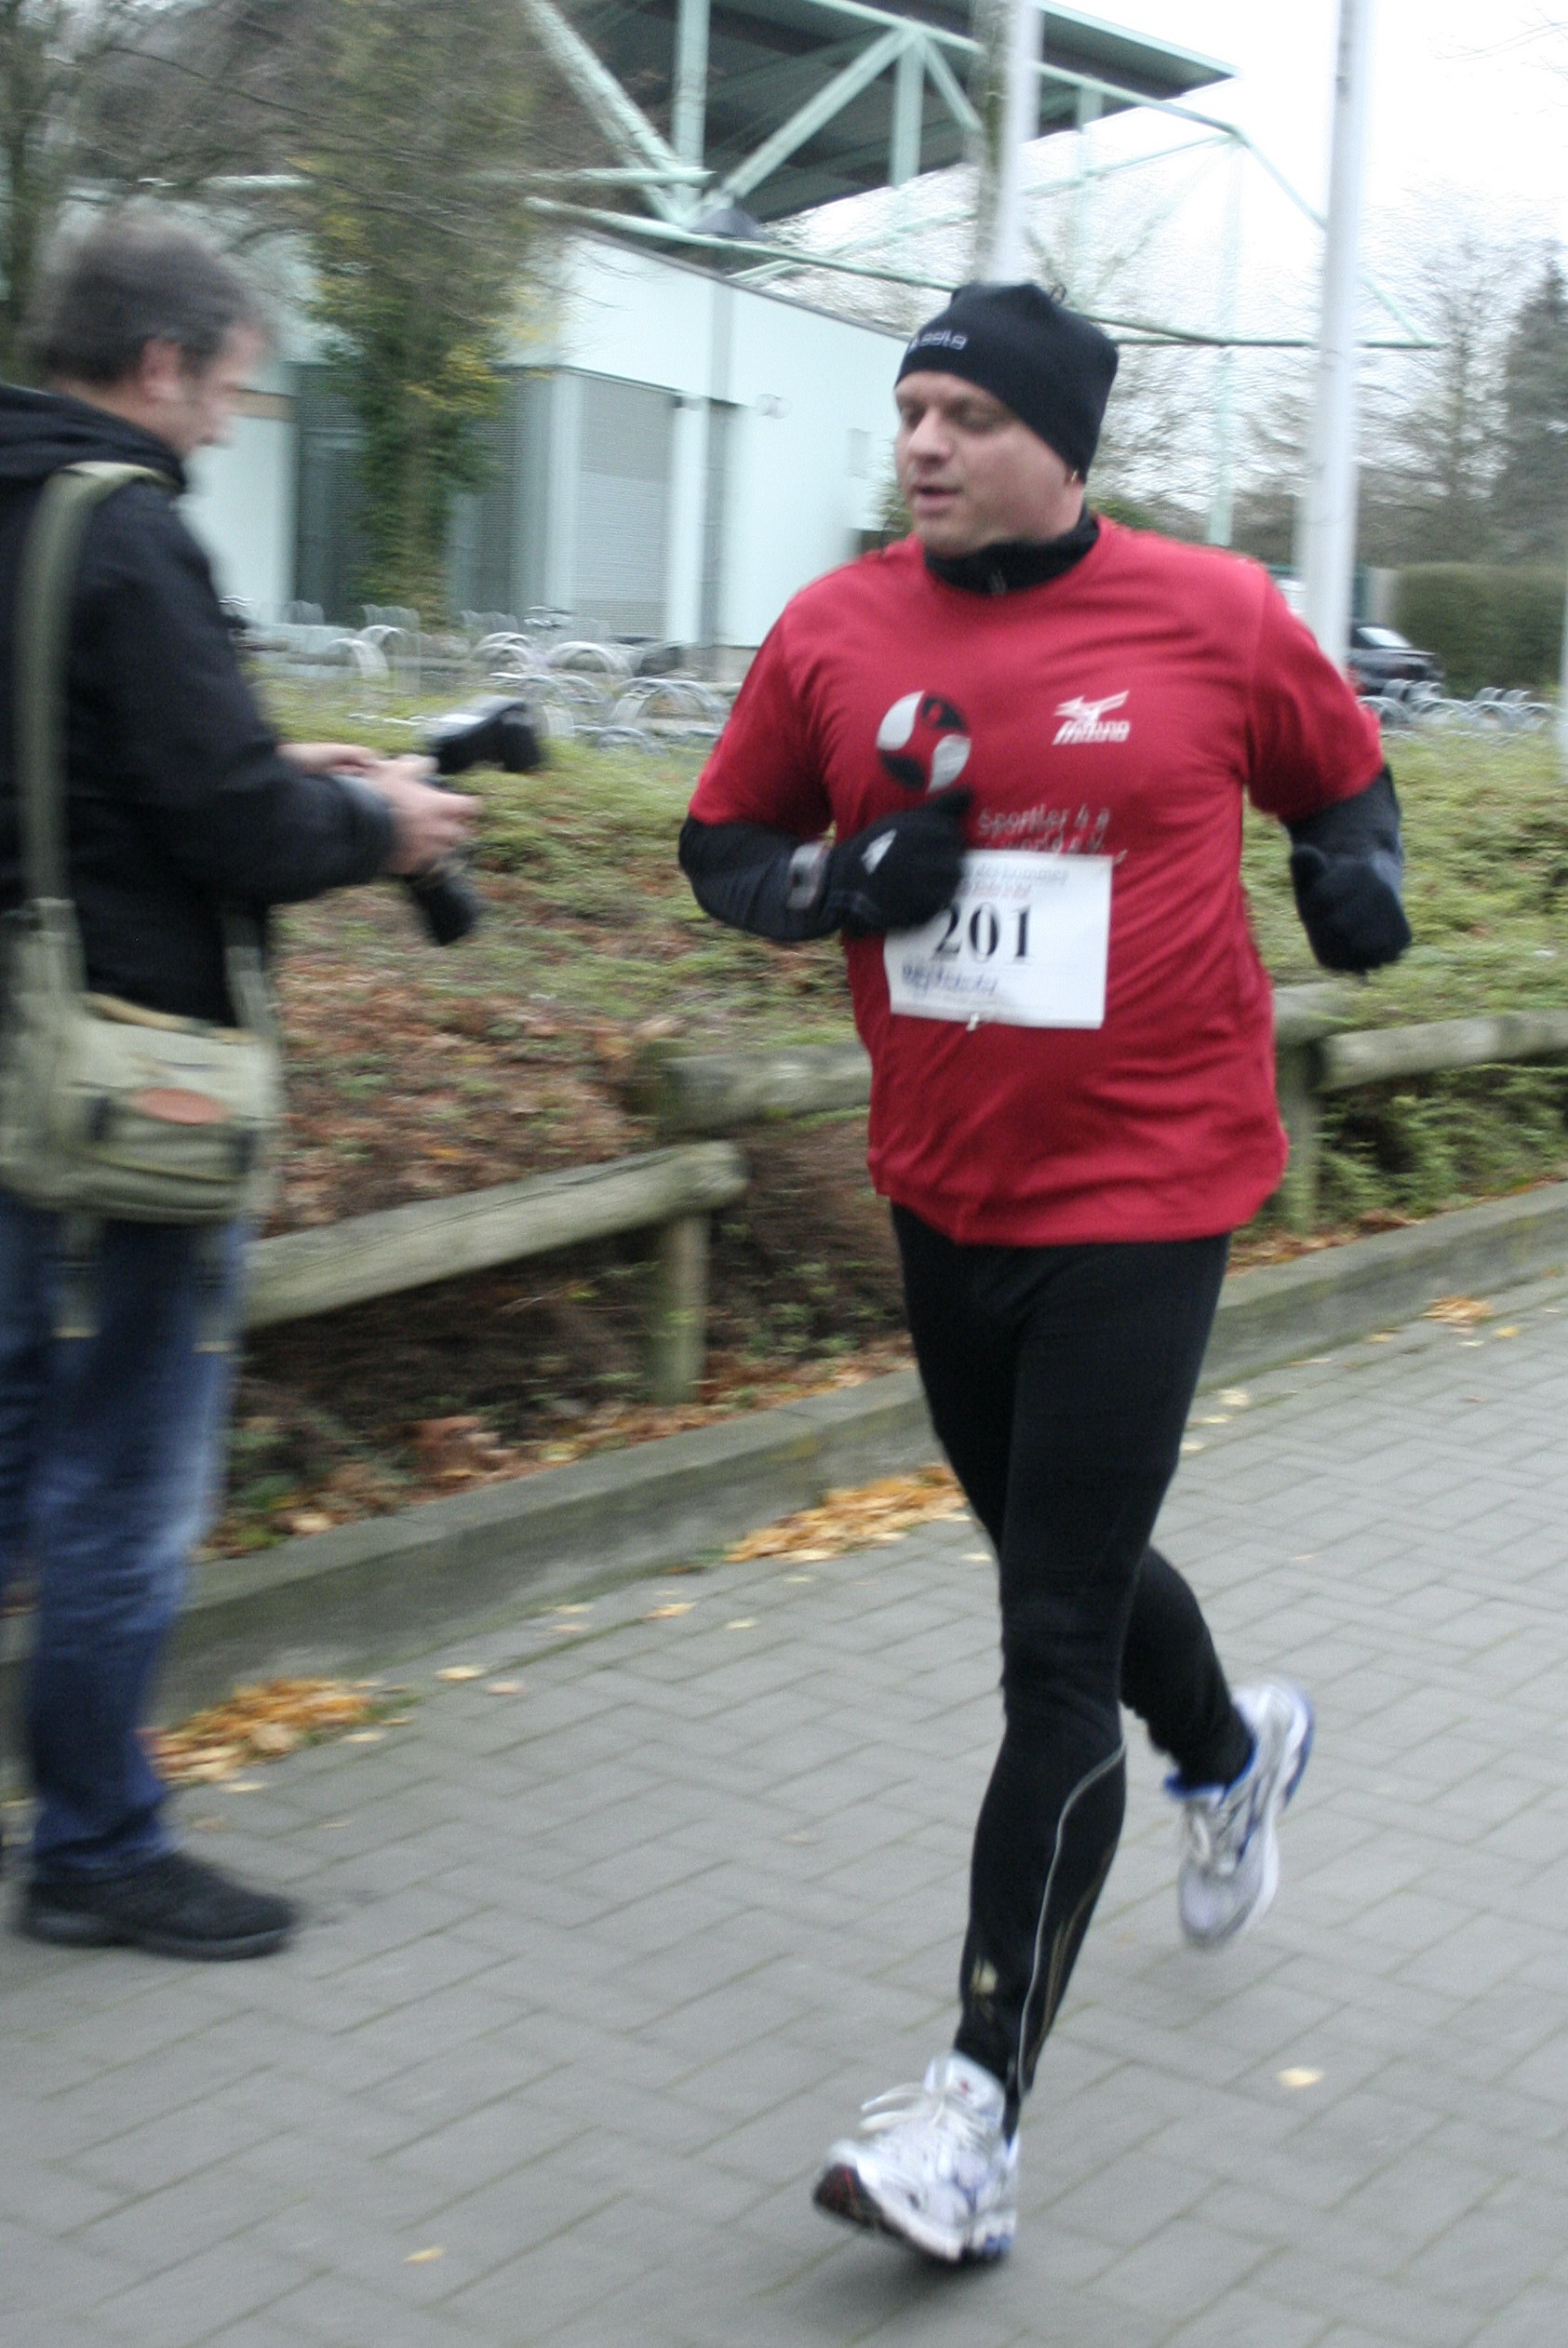 2011-11-27-r_w-pb_mg_5035